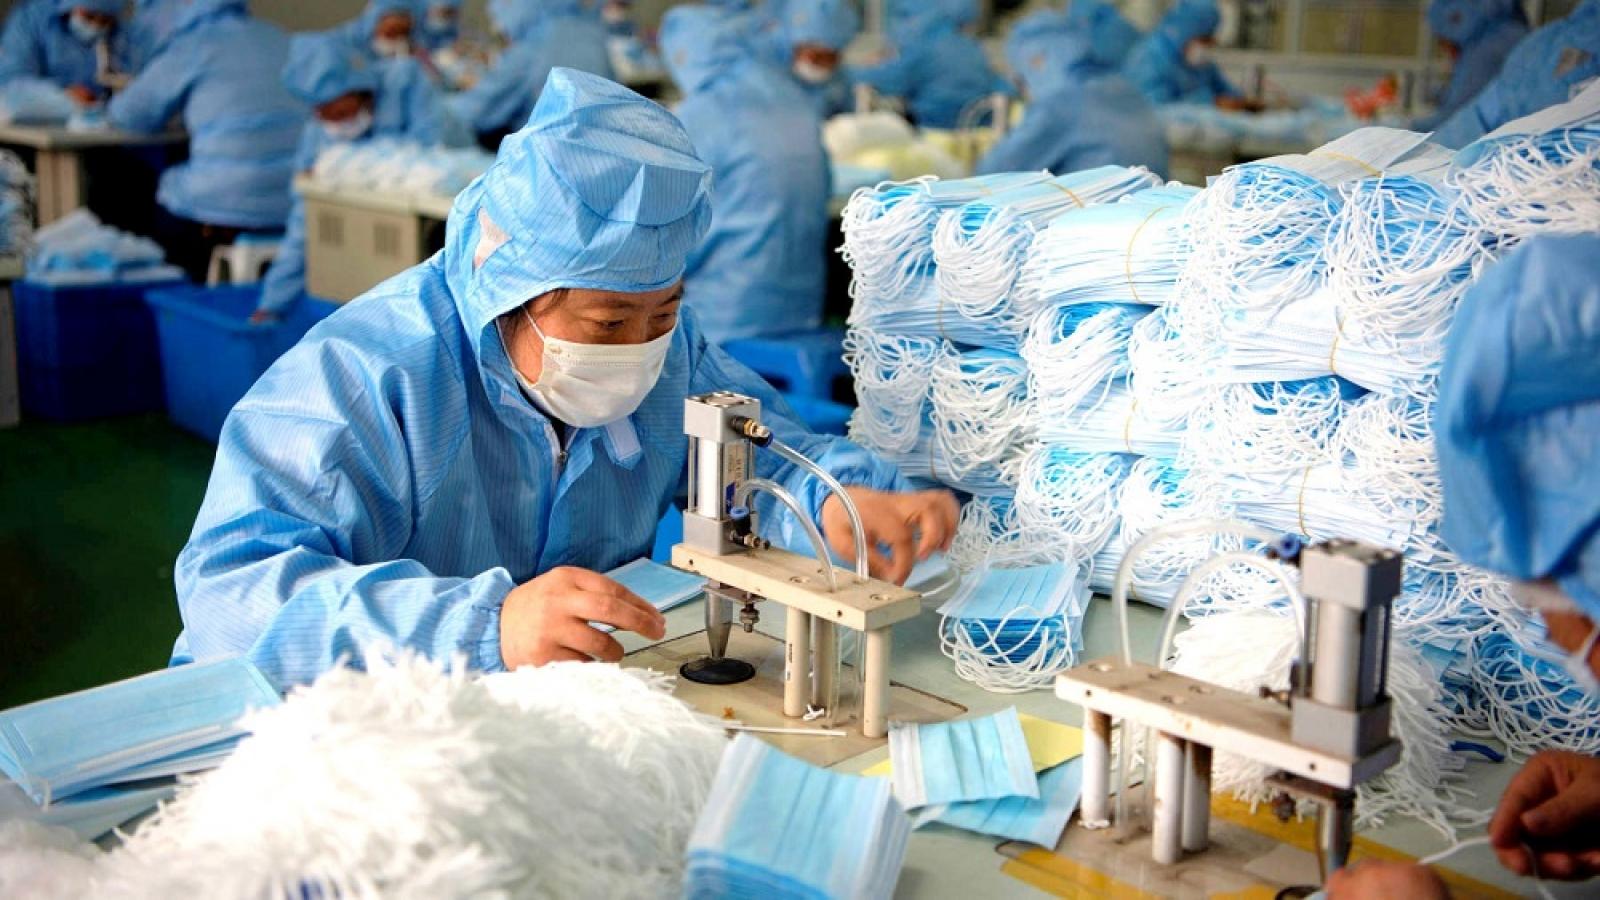 Nhu cầu về khẩu trang y tế, khẩu trang kháng khuẩn bắt đầu giảm